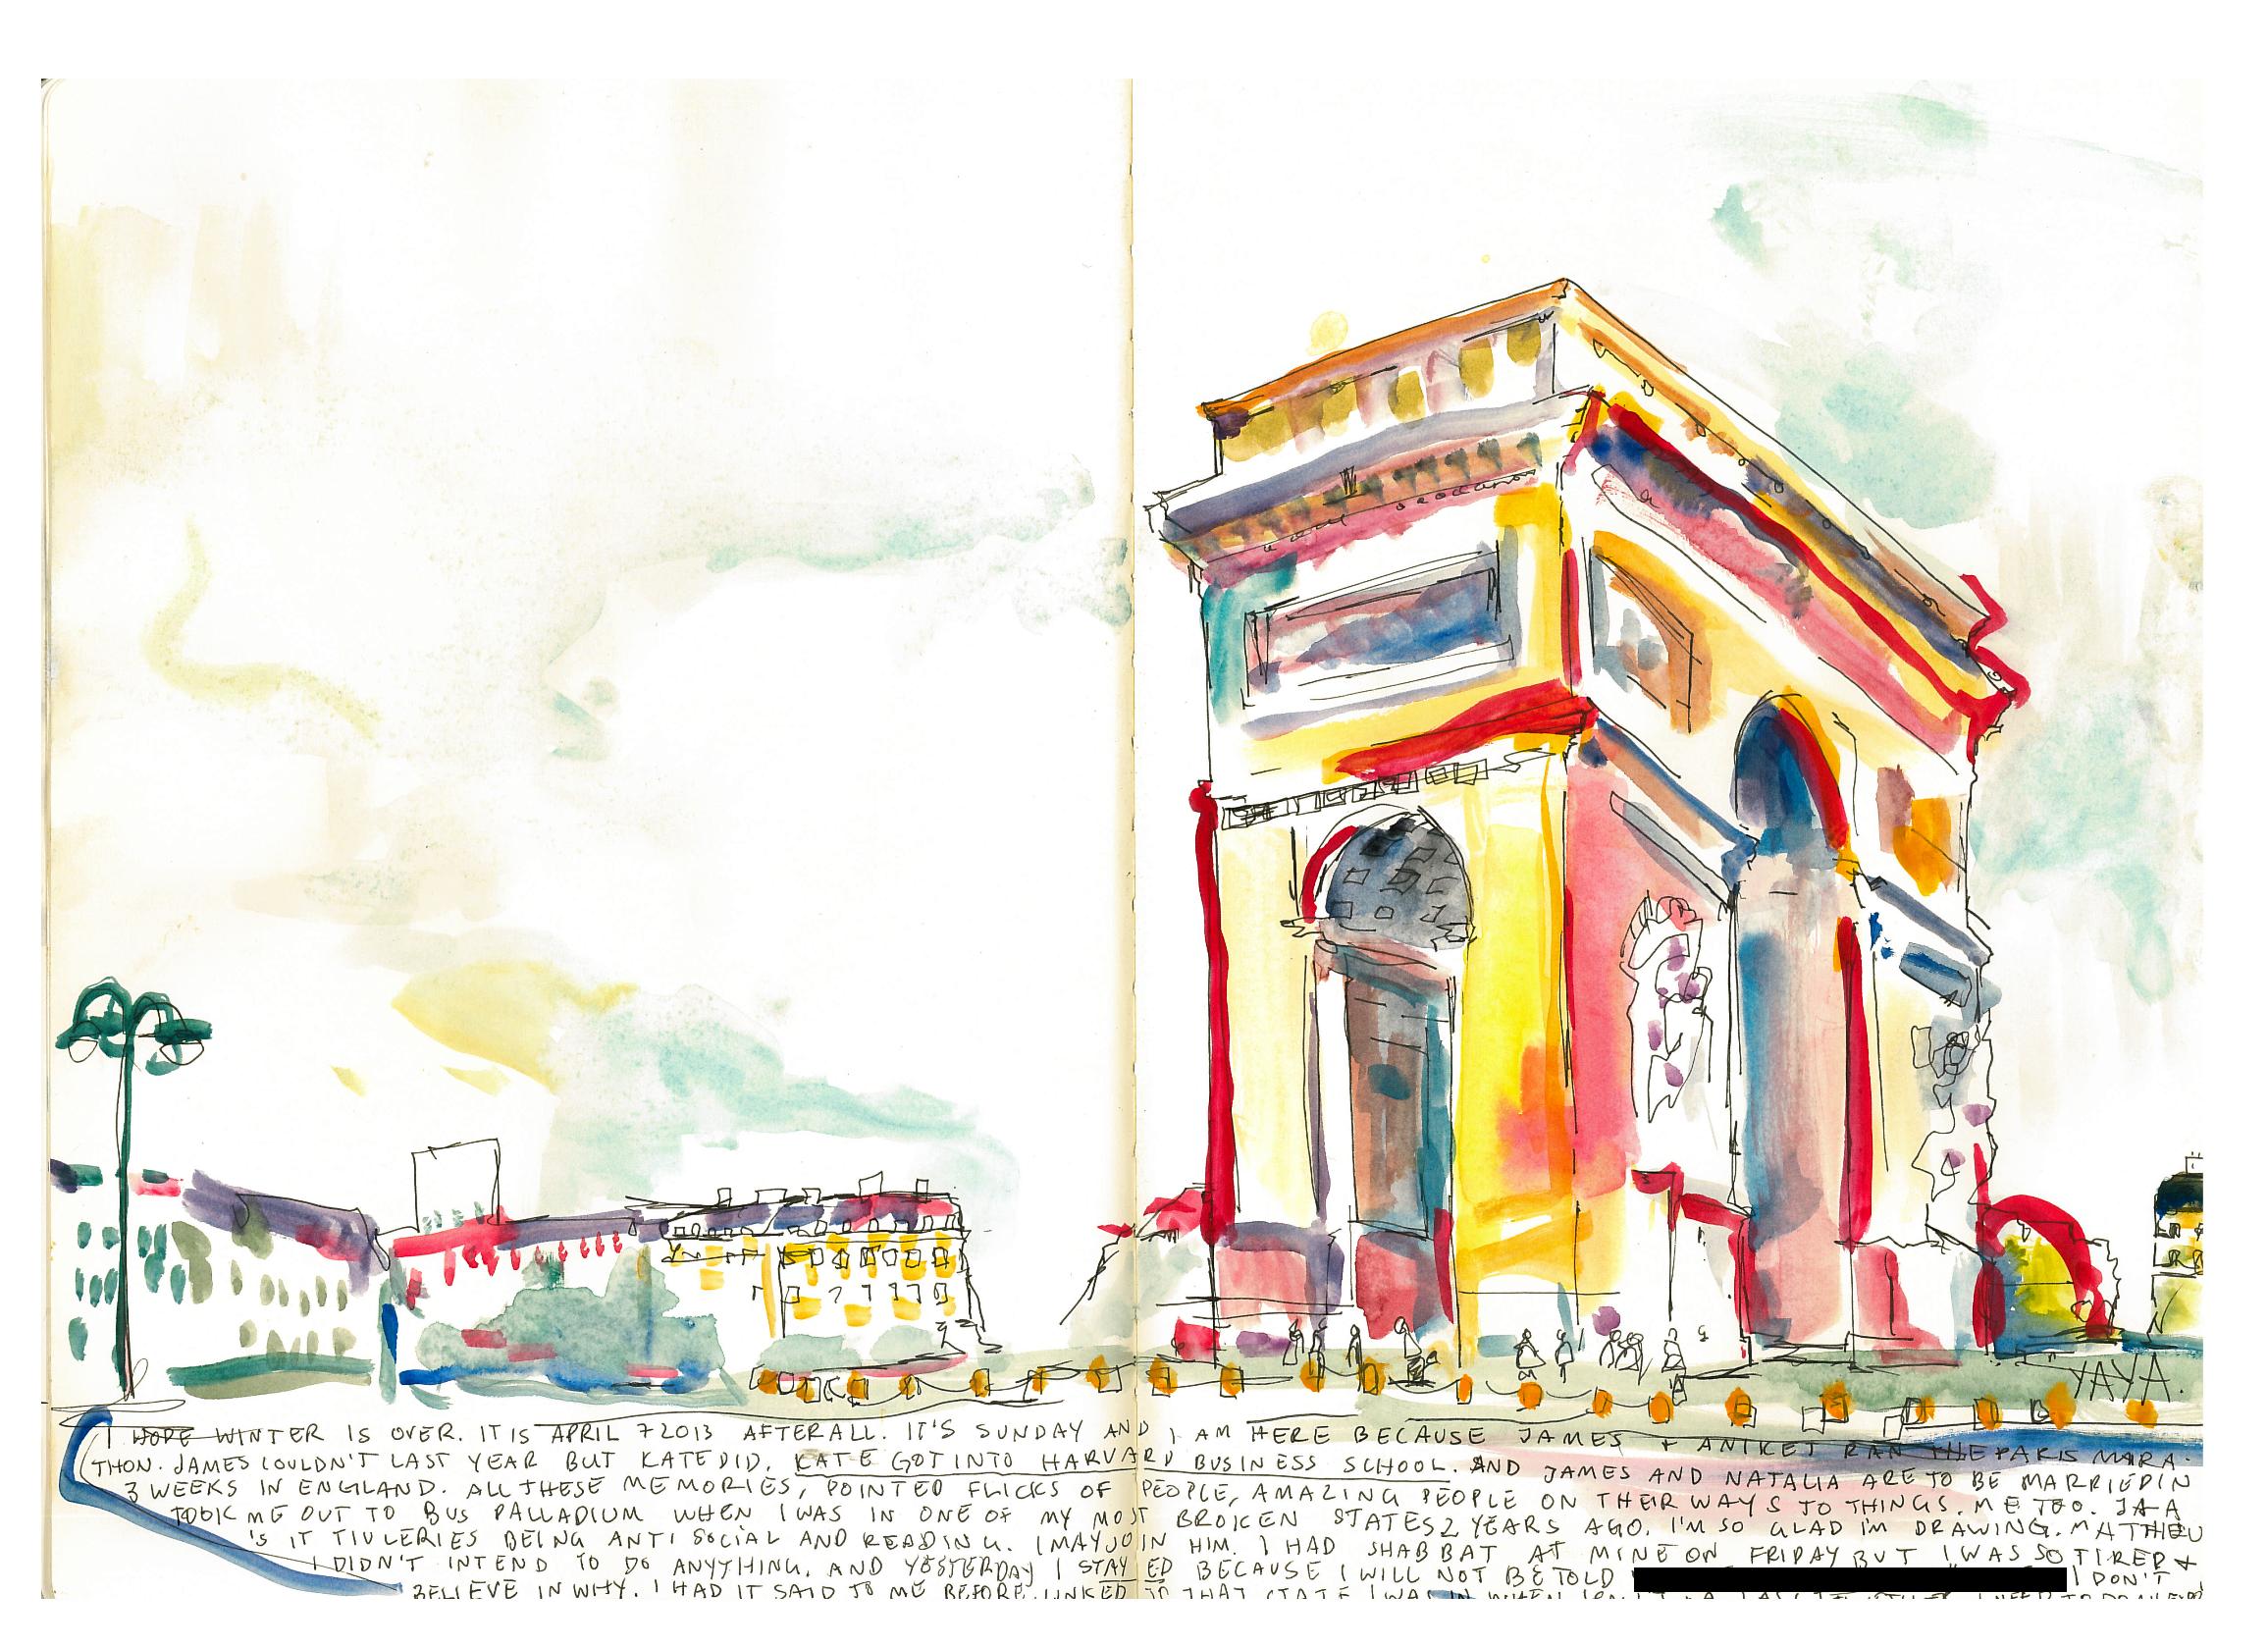 L'arc de Triomphe - Paris Marathon